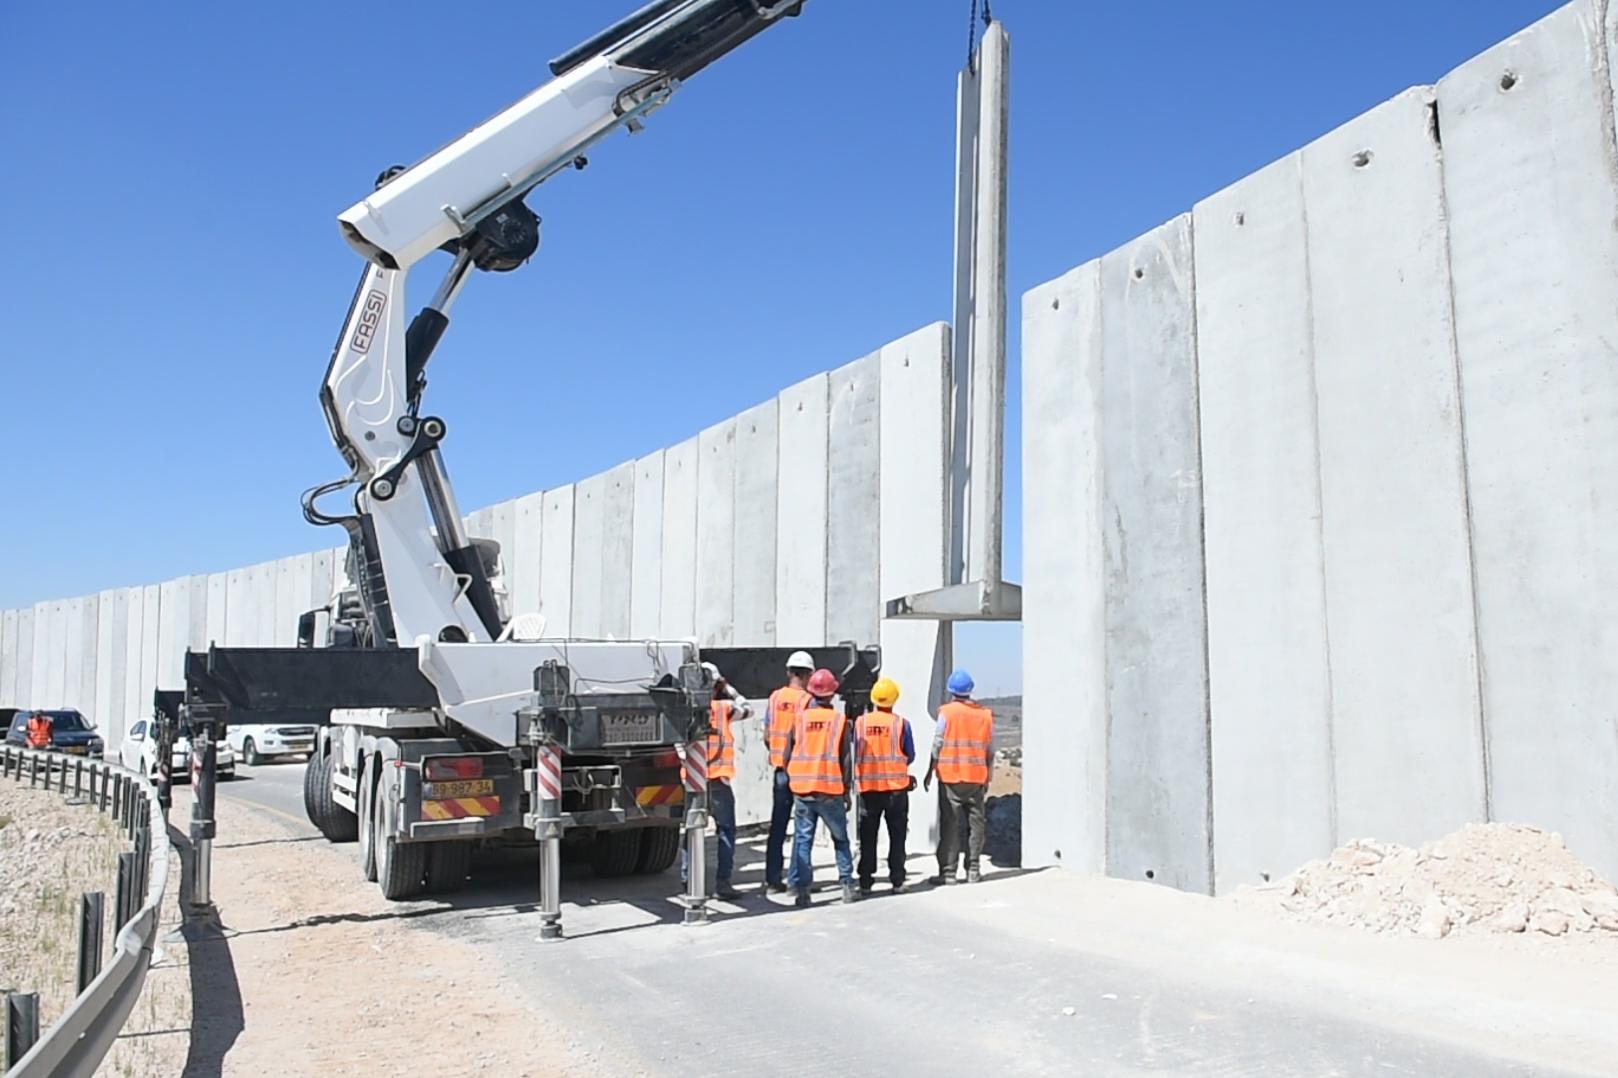 צפו בחלוקת הארץ בפועל: החומה הושלמה